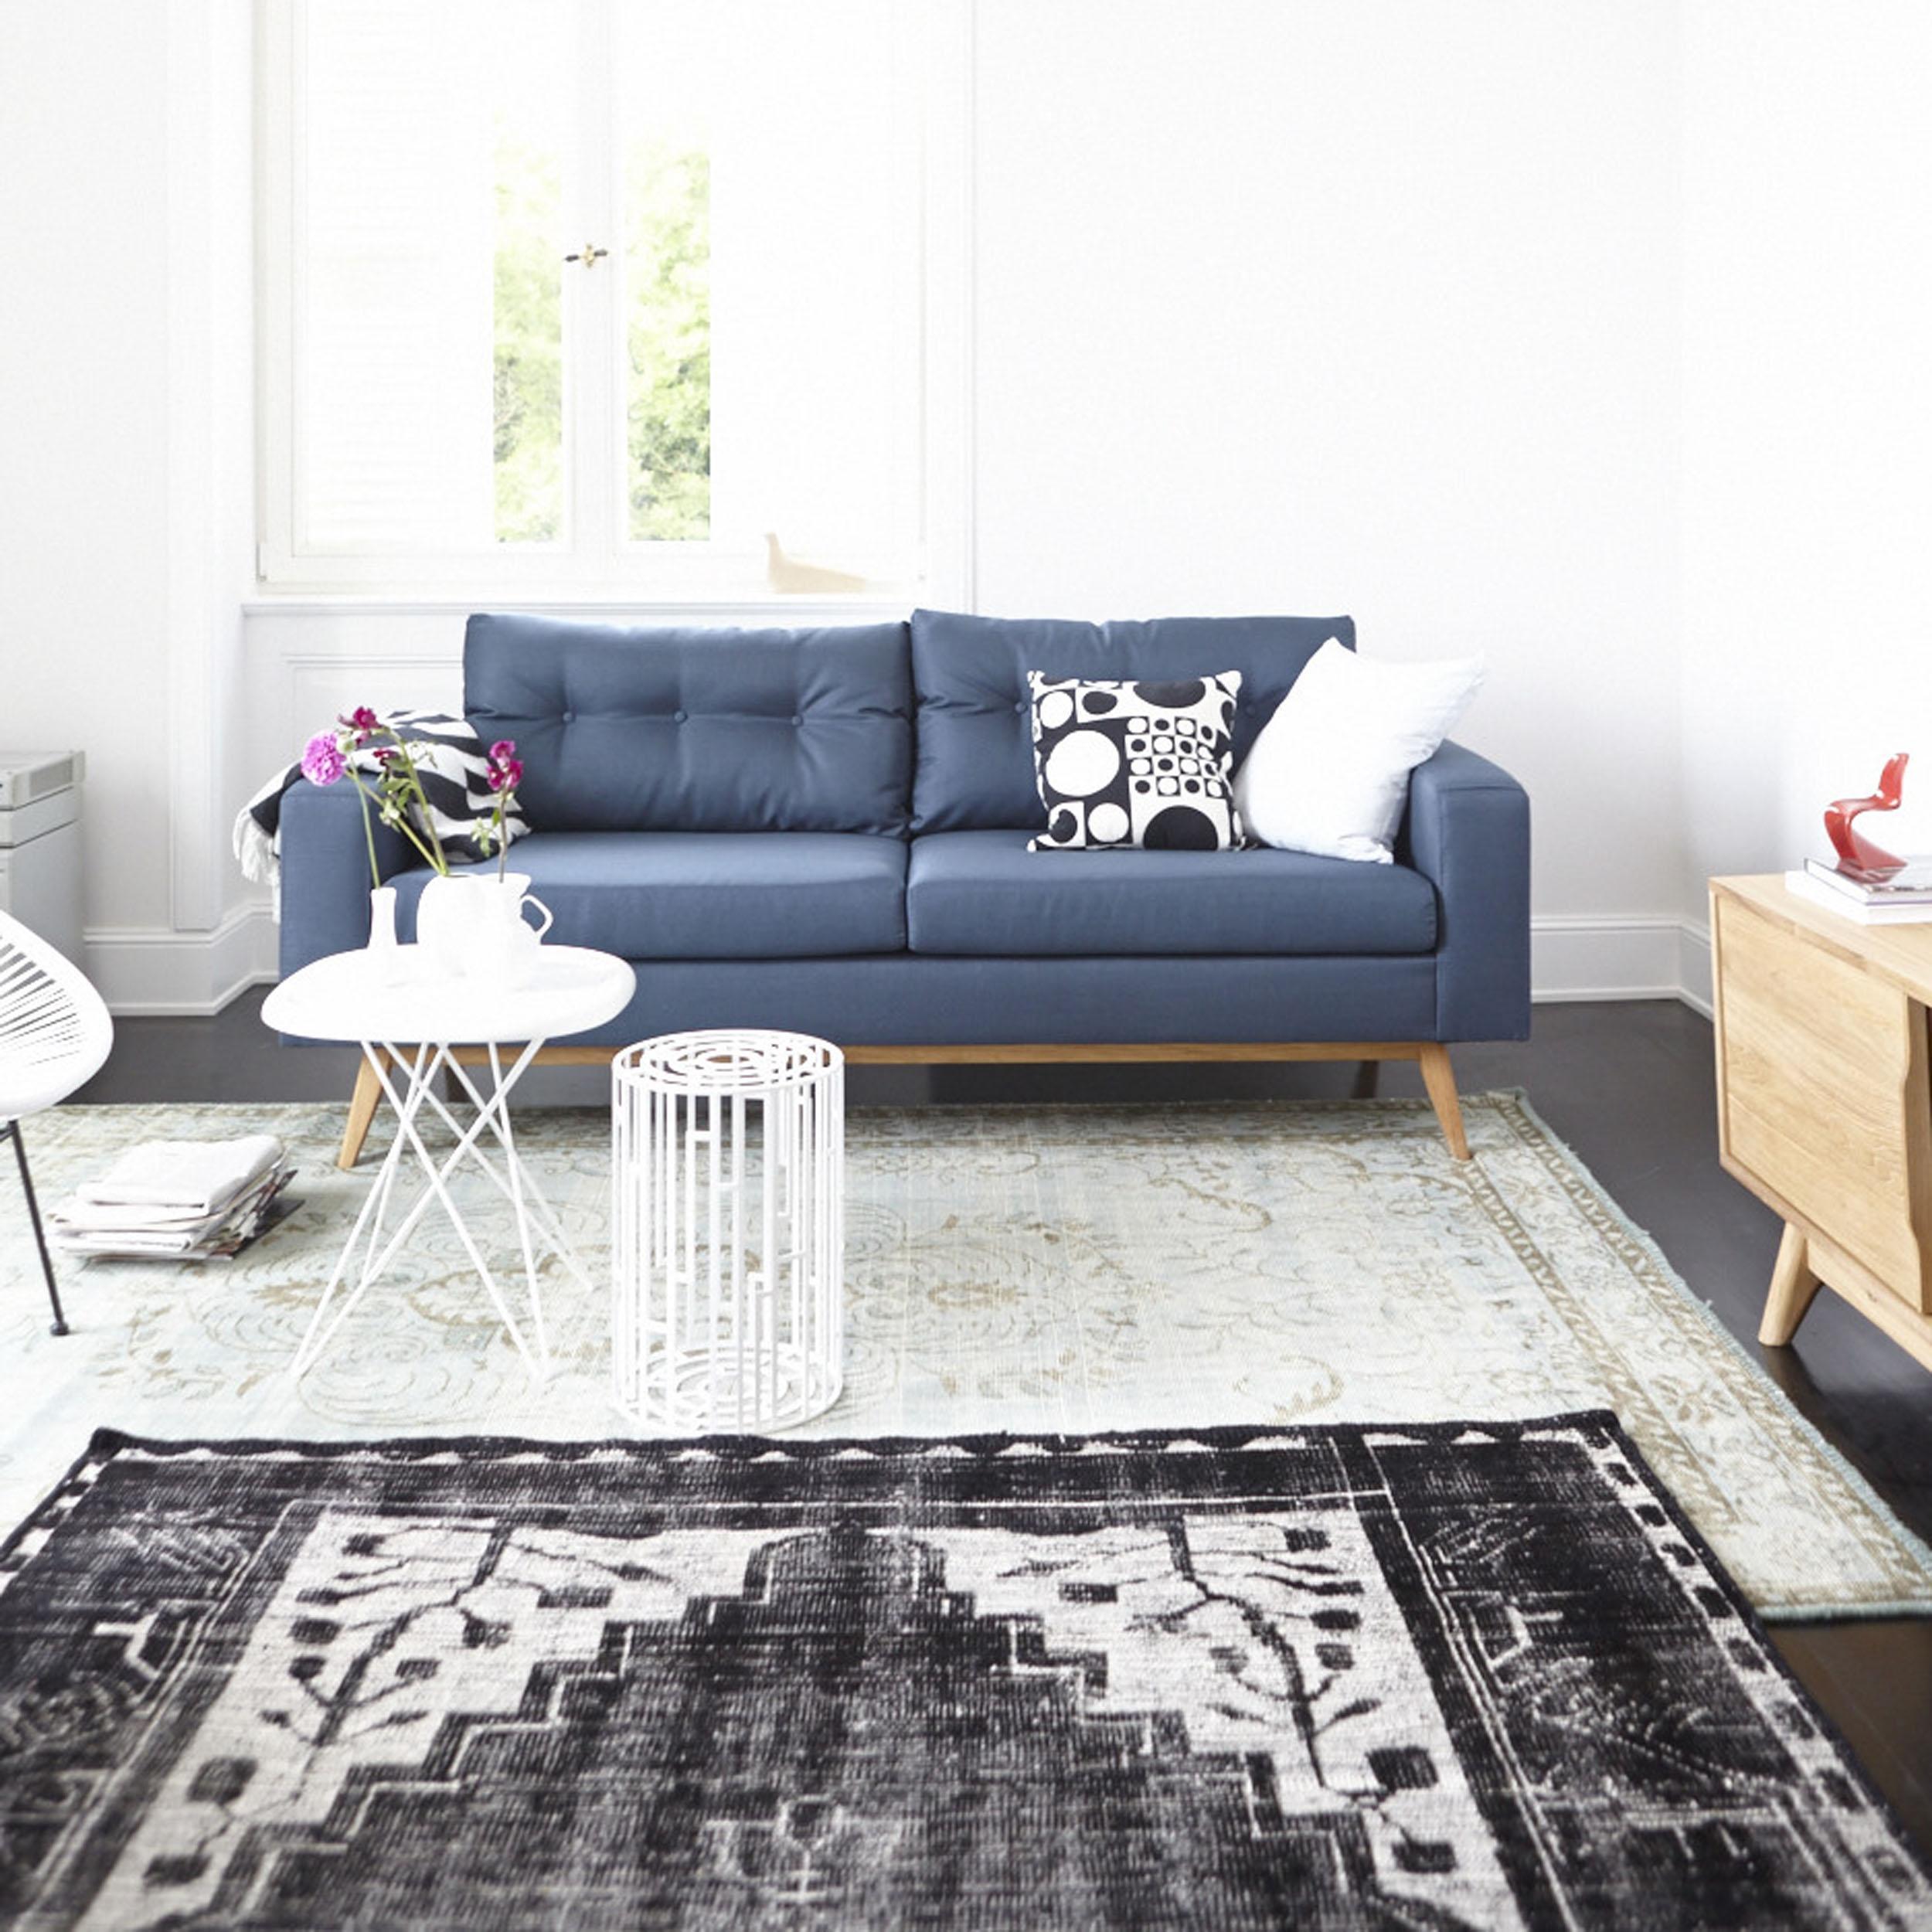 blumensofa bilder ideen couchstyle. Black Bedroom Furniture Sets. Home Design Ideas